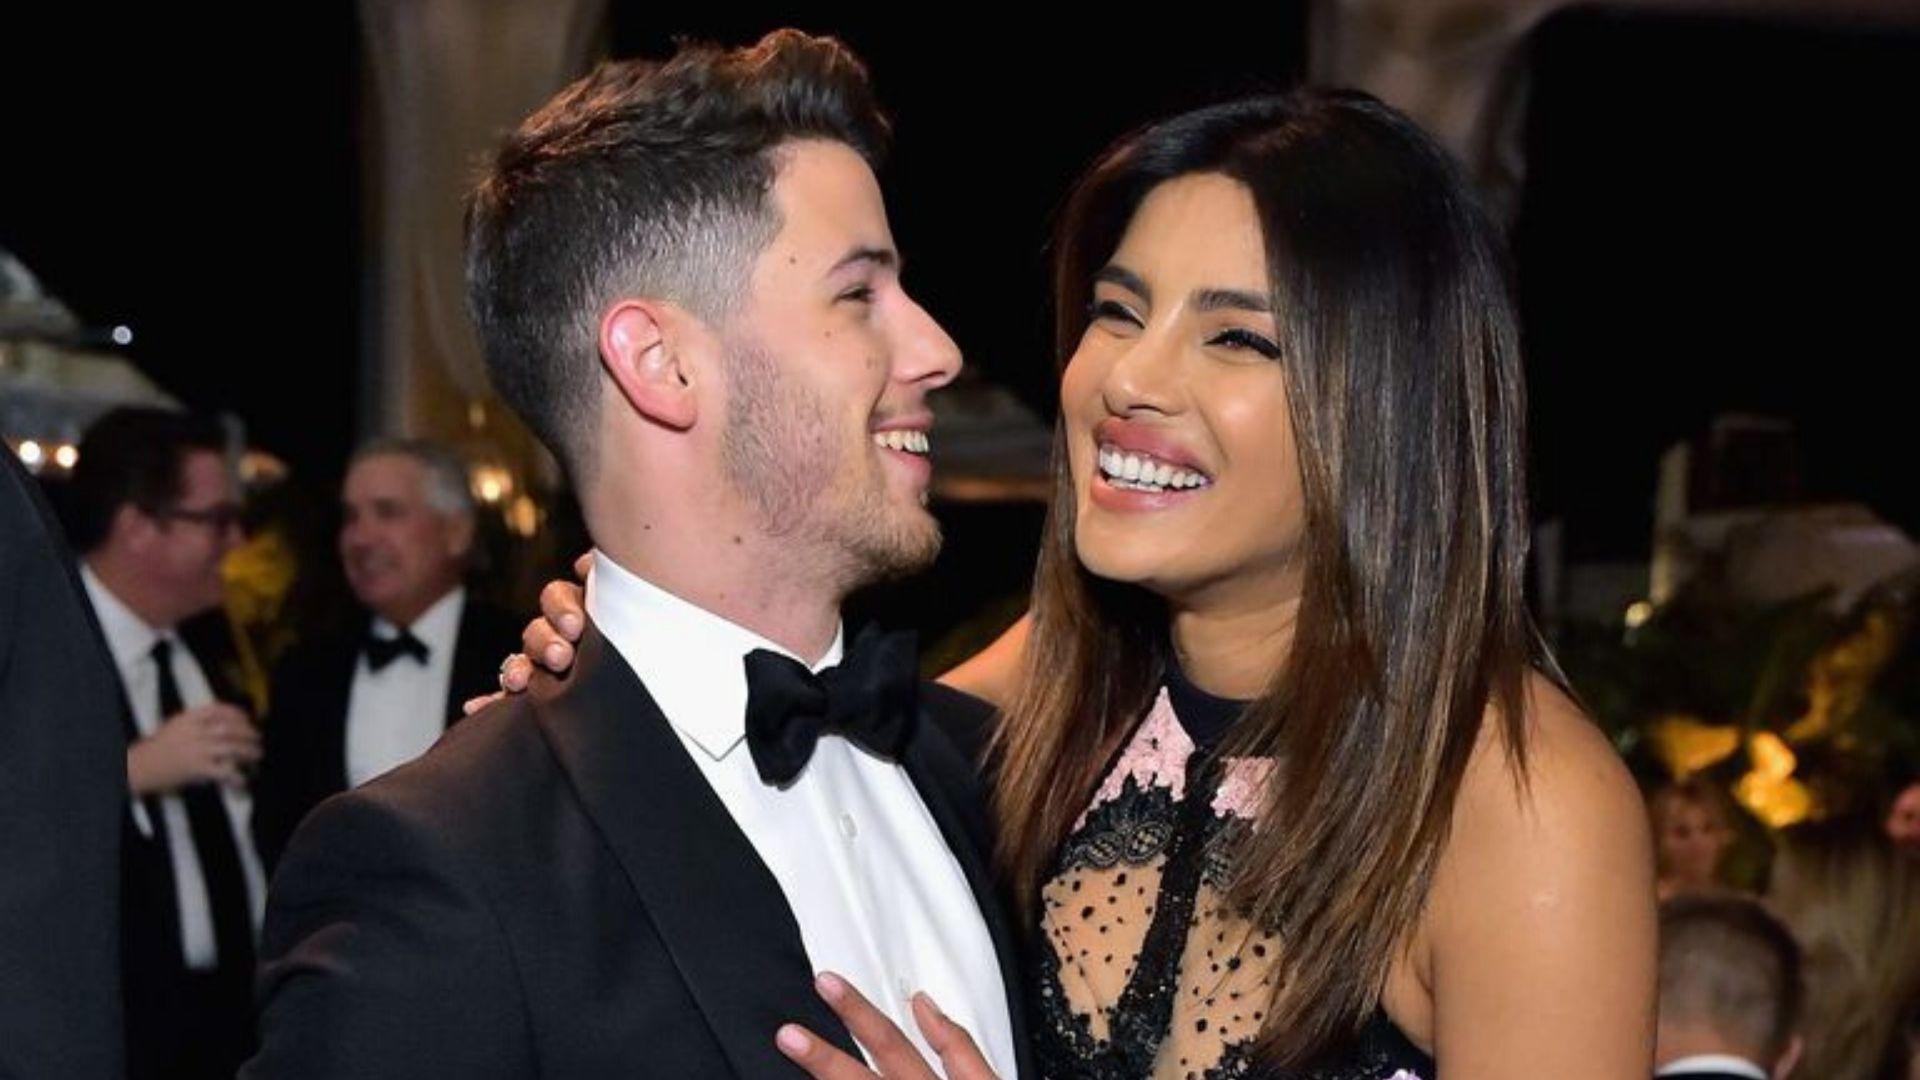 Priyanka Chopra Just Gave Nick Jonas The Sweetest Anniversary Gift